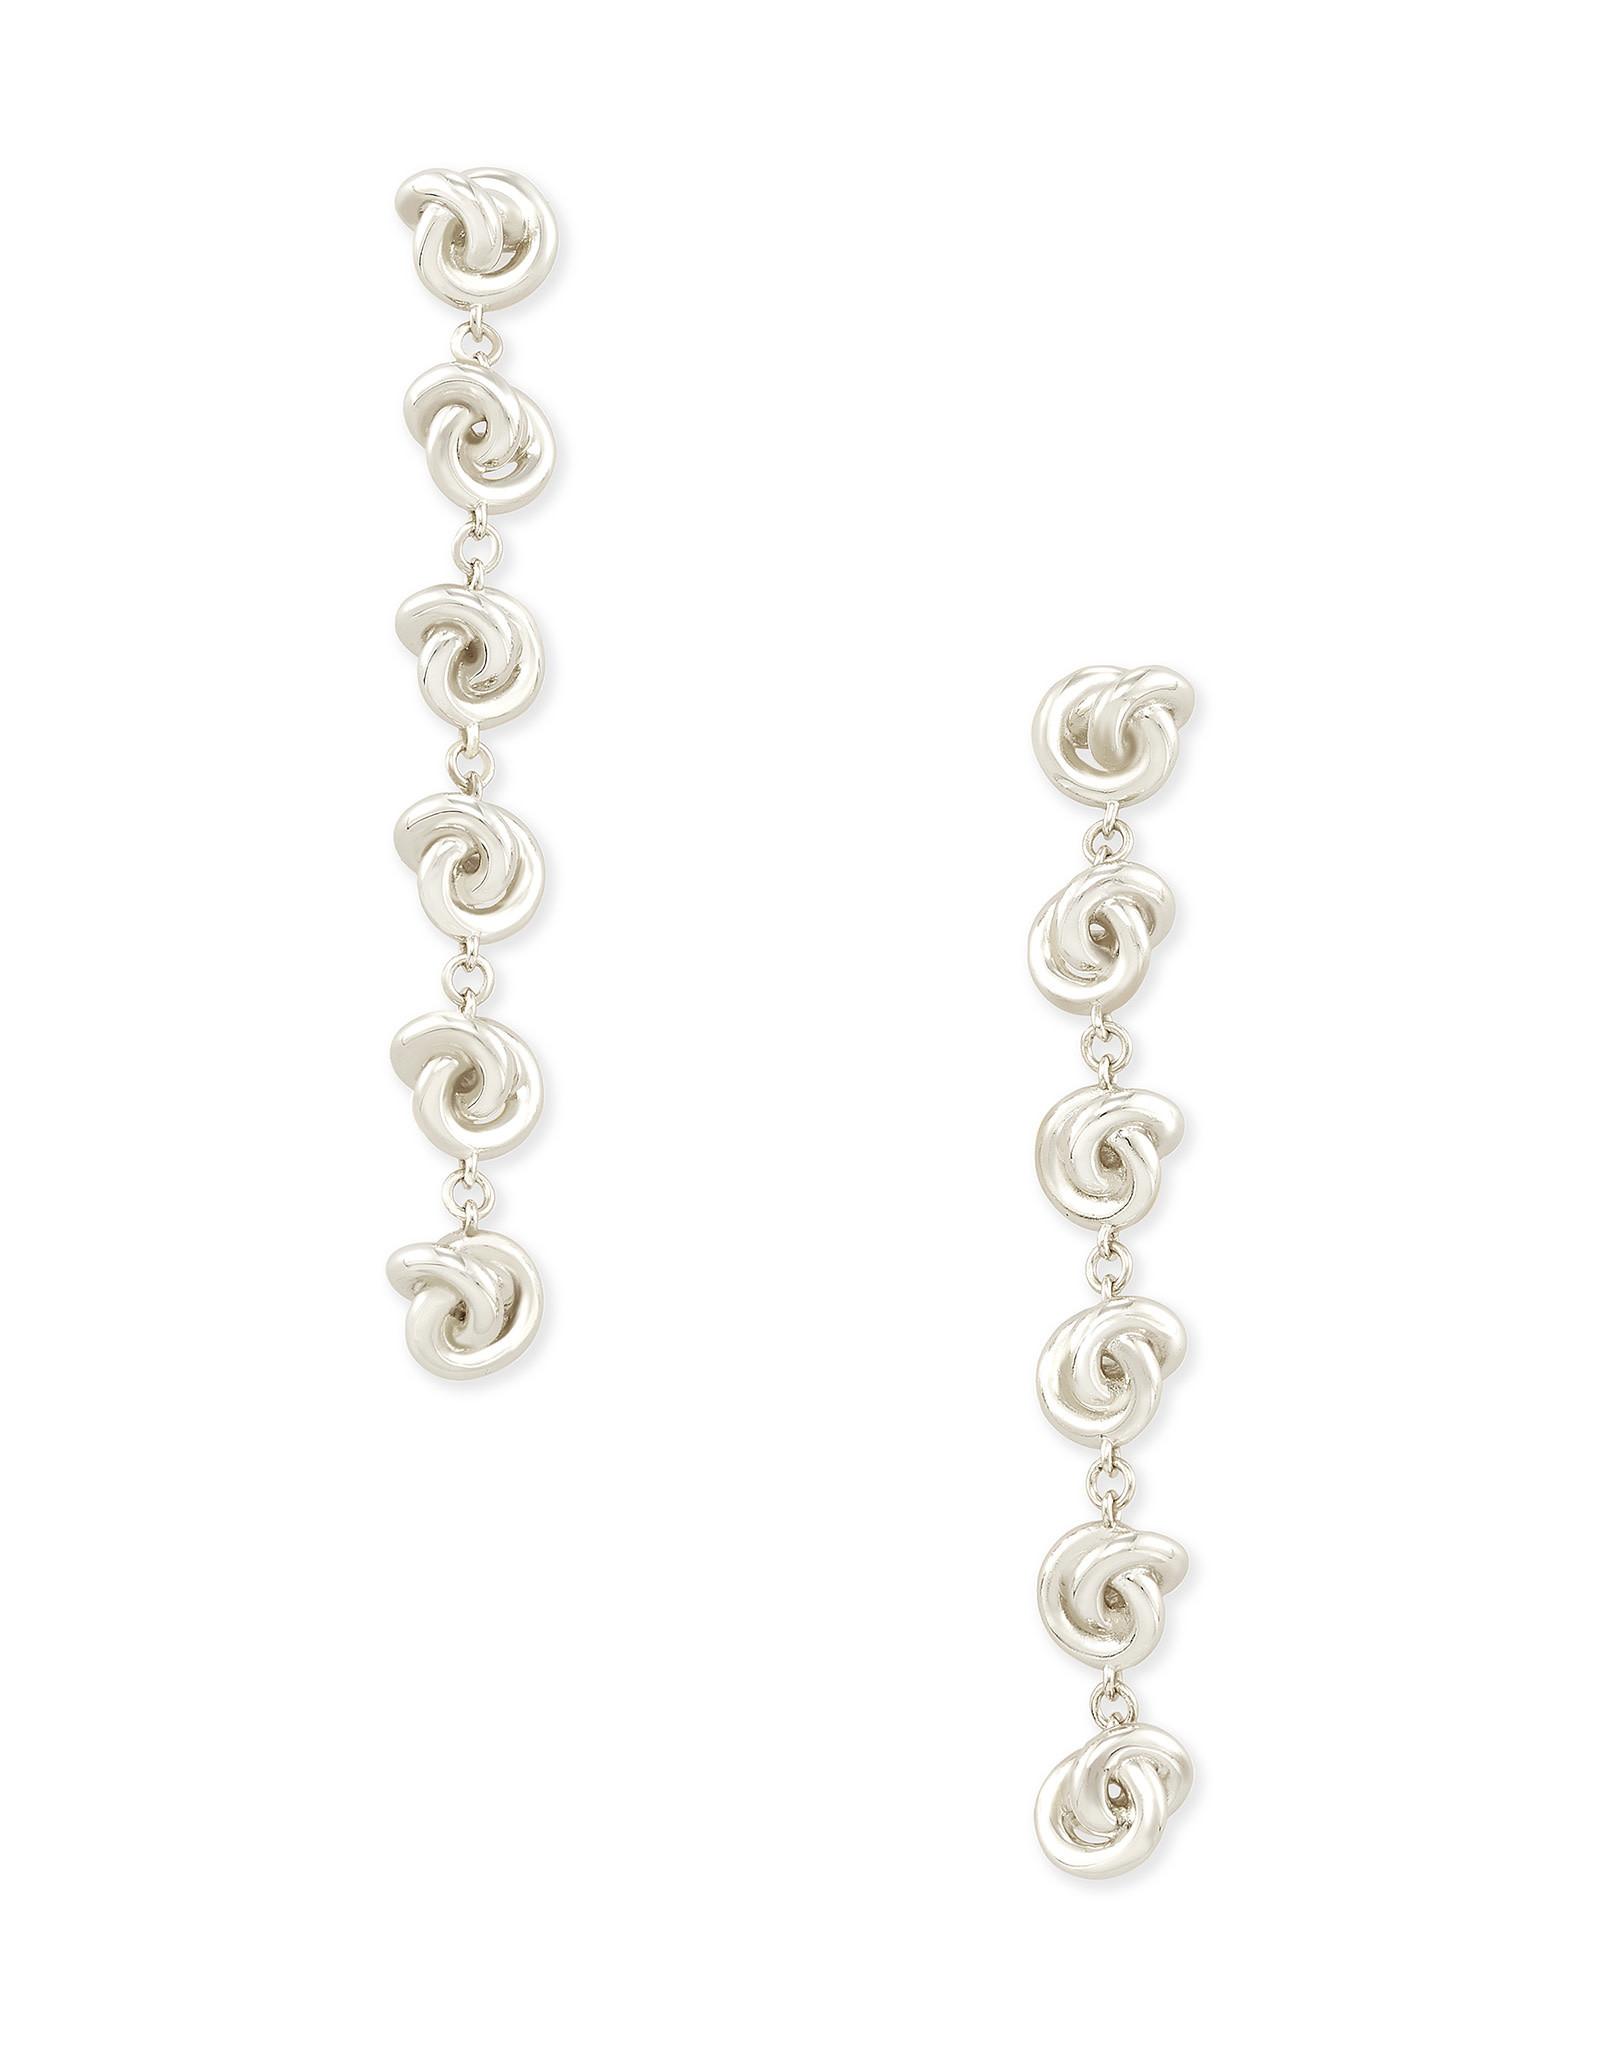 Kendra Scott Presleigh Linear Earrings in Silver